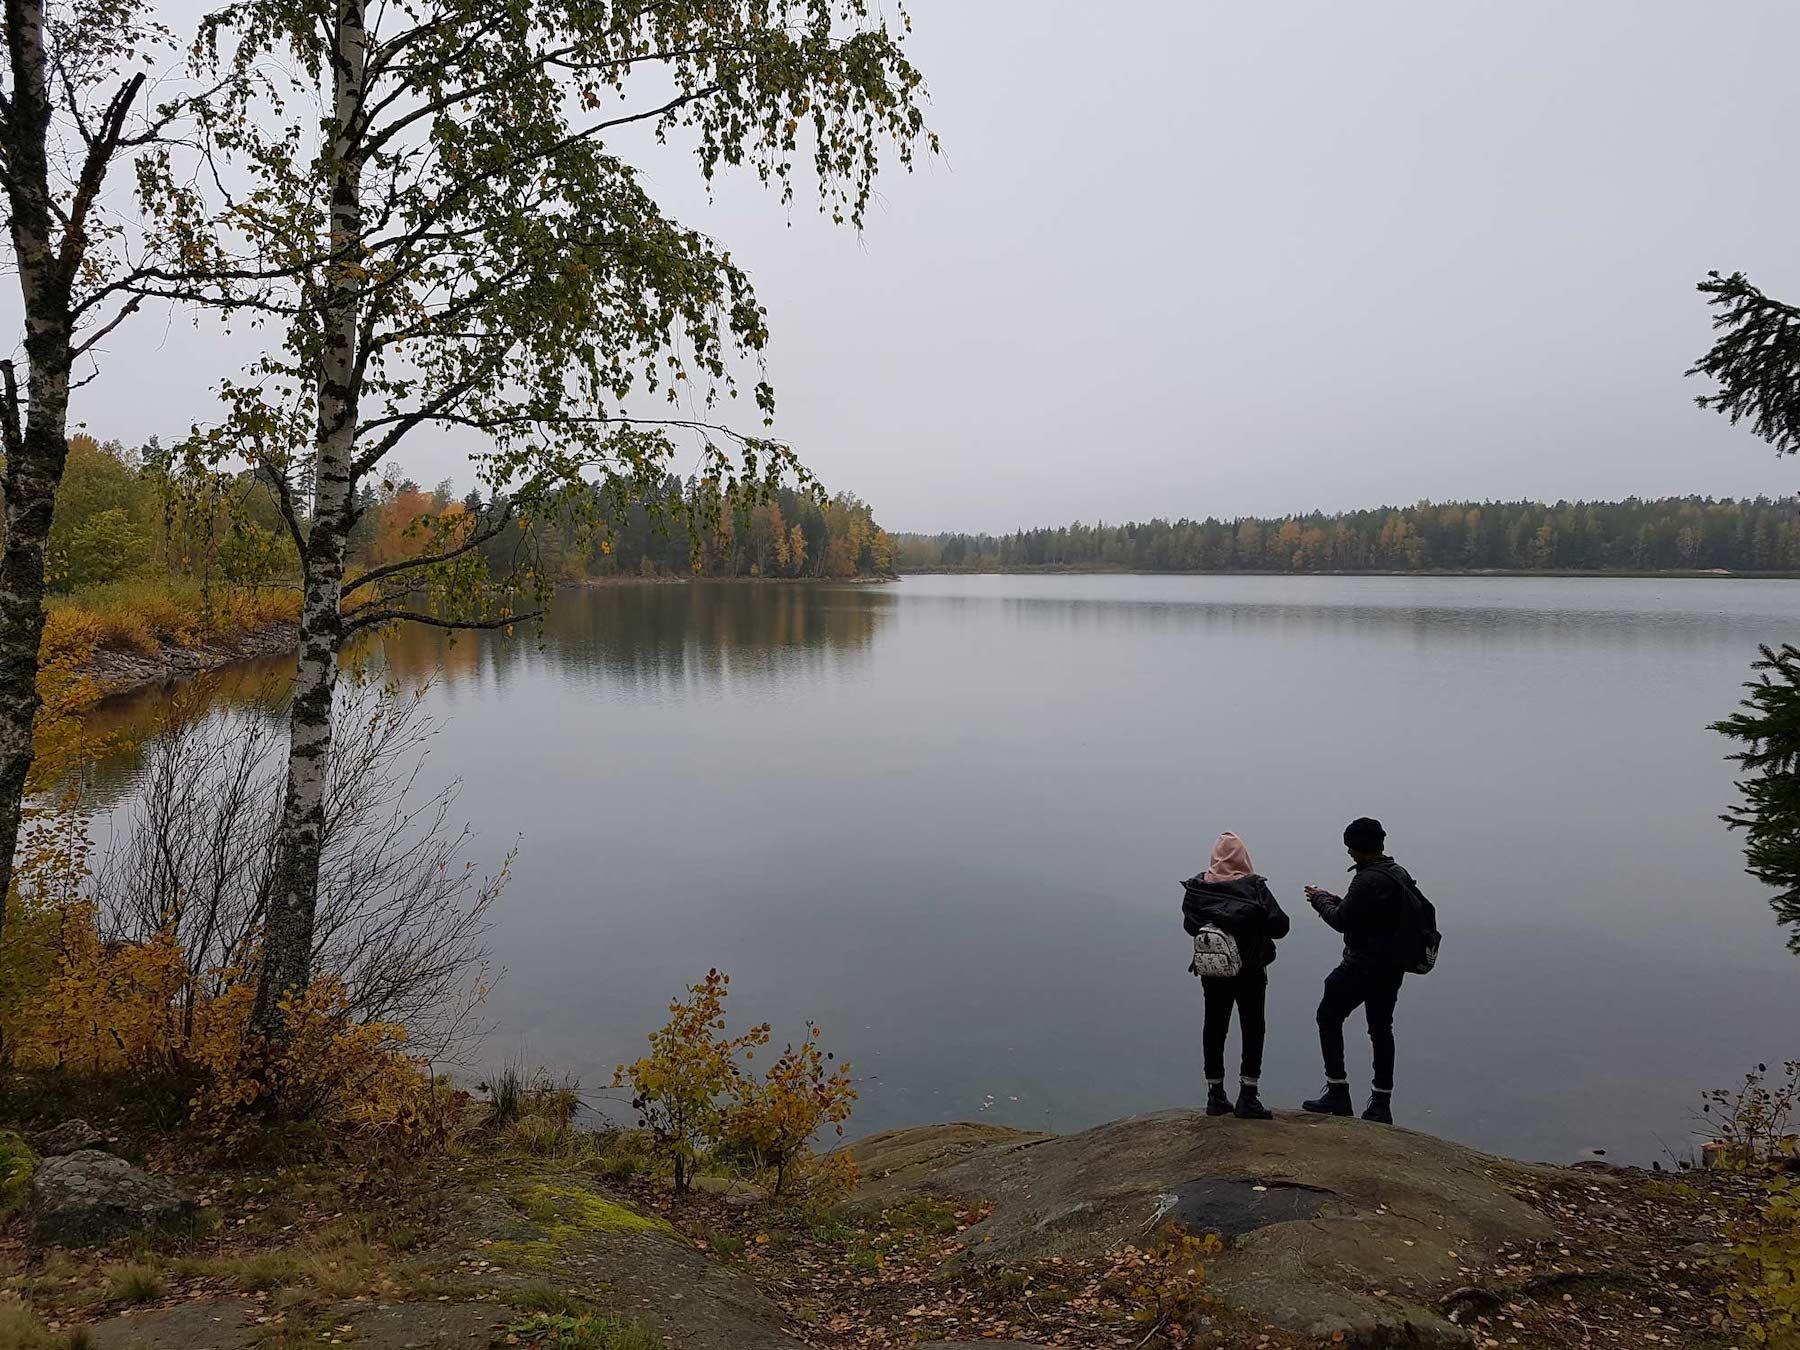 Kuvituskuva artikkelille 'Turku: Lähiluontoa ja kotoutumista maahanmuuttajaperheille'